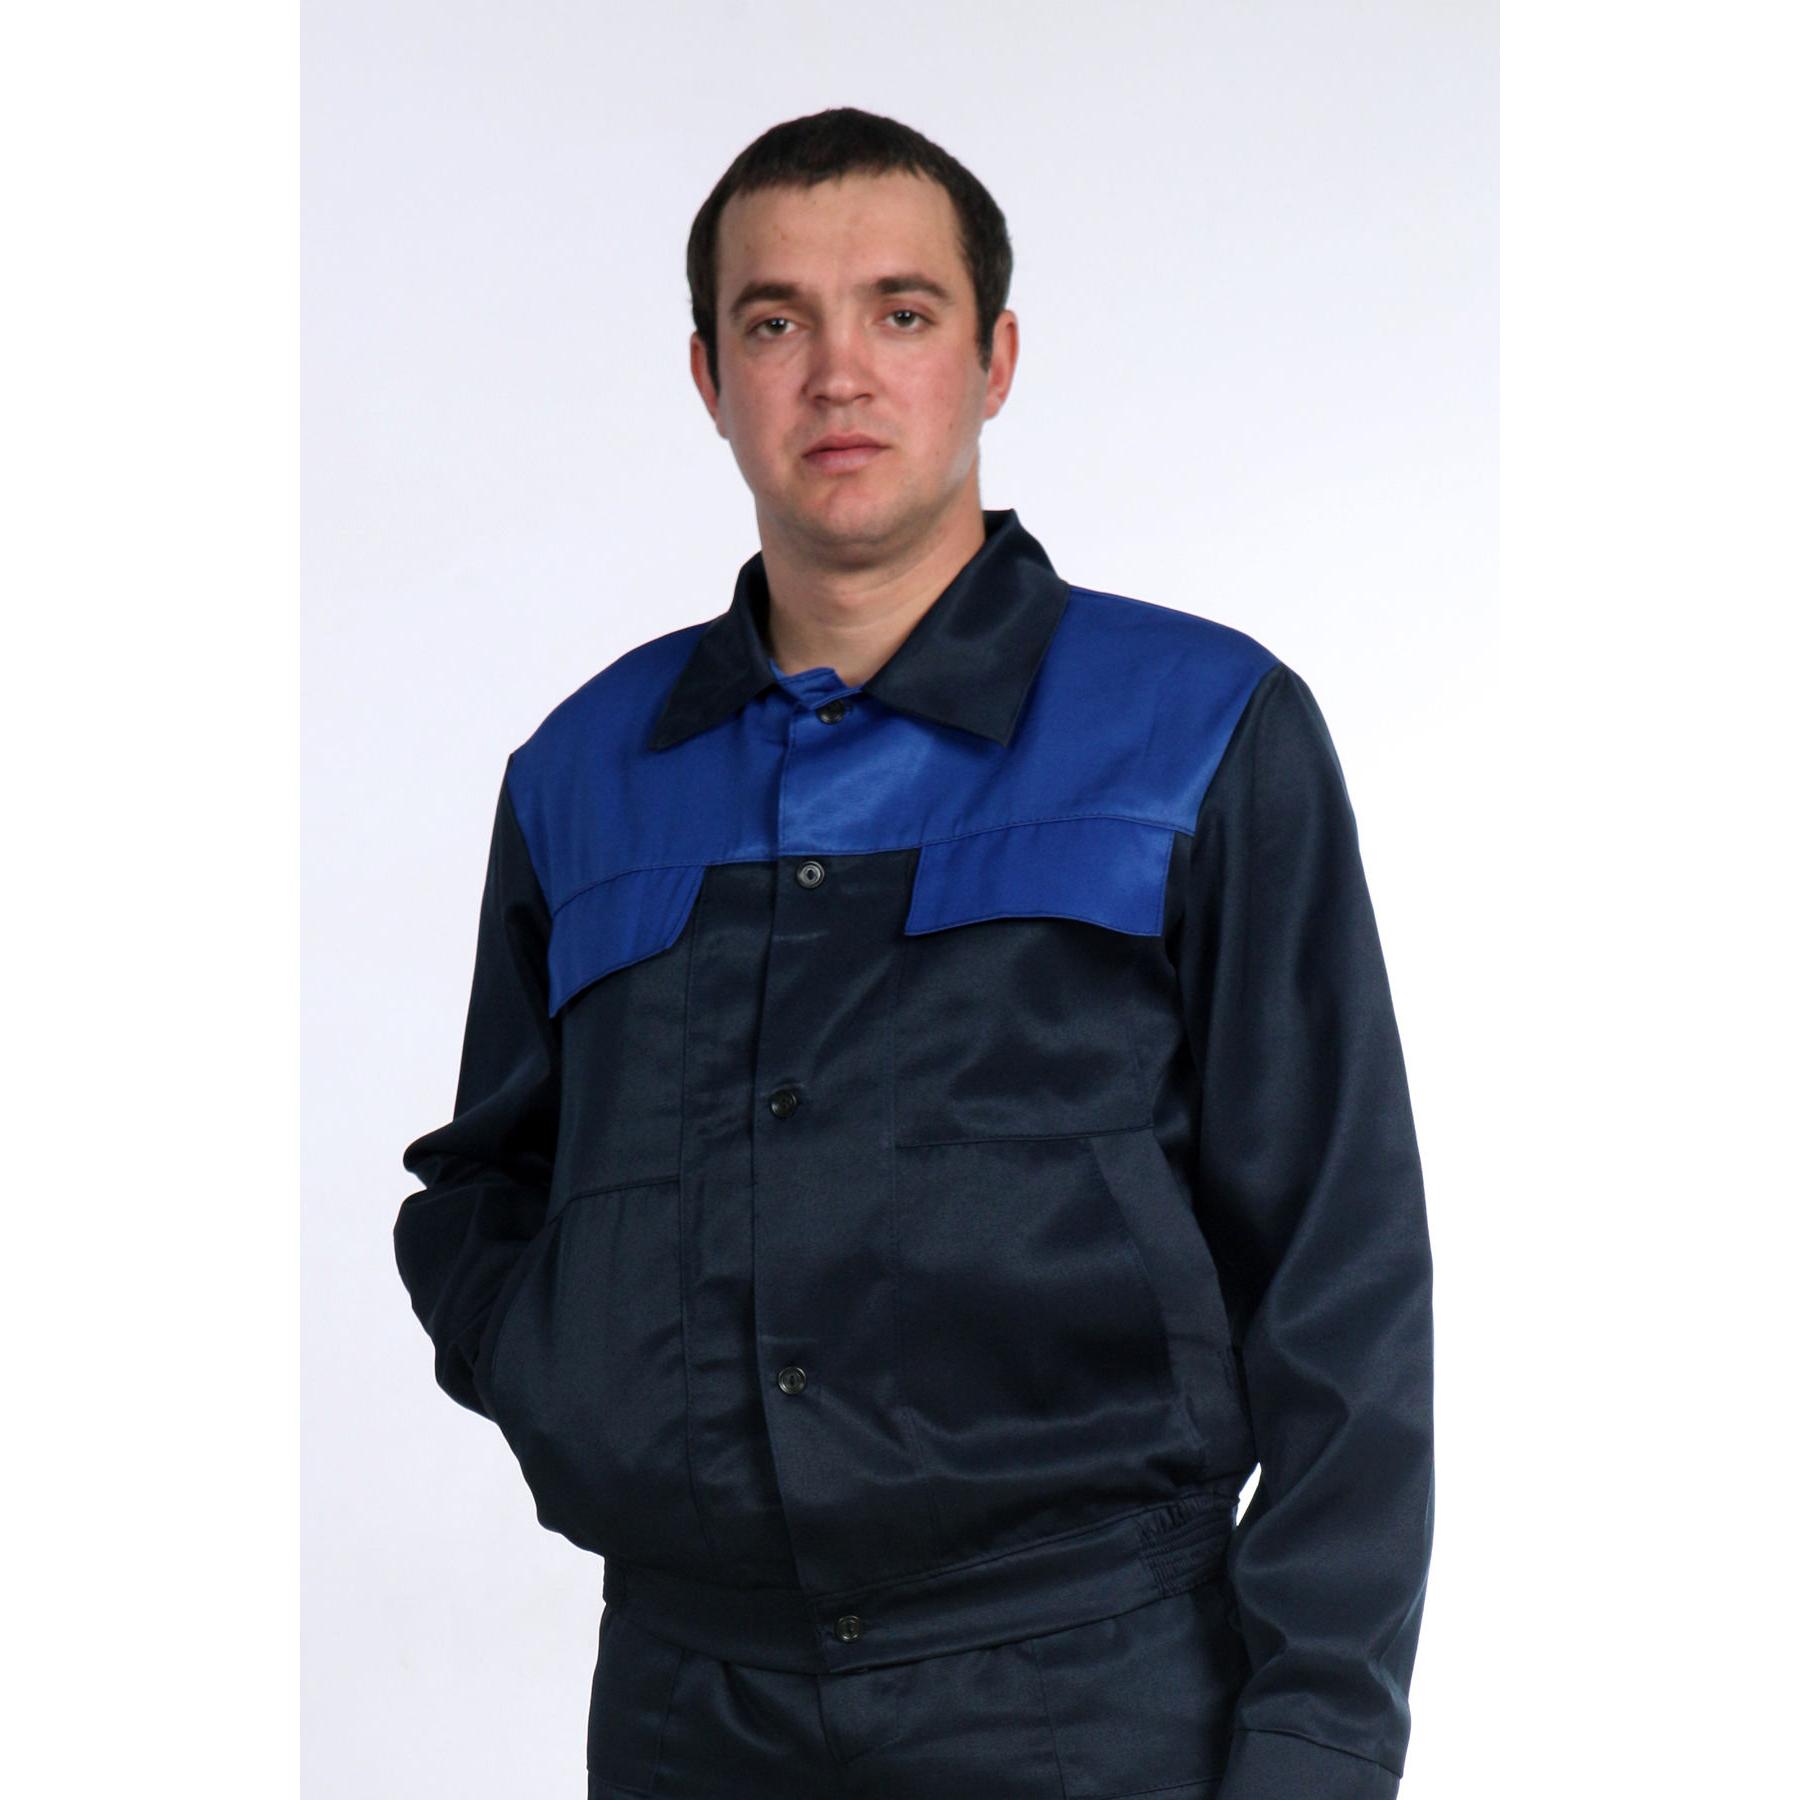 Мужской костюм «Техник», размер 62Спецодежда<br><br><br>Тип: Муж. костюм<br>Размер: 62<br>Материал: Смесовая ткань